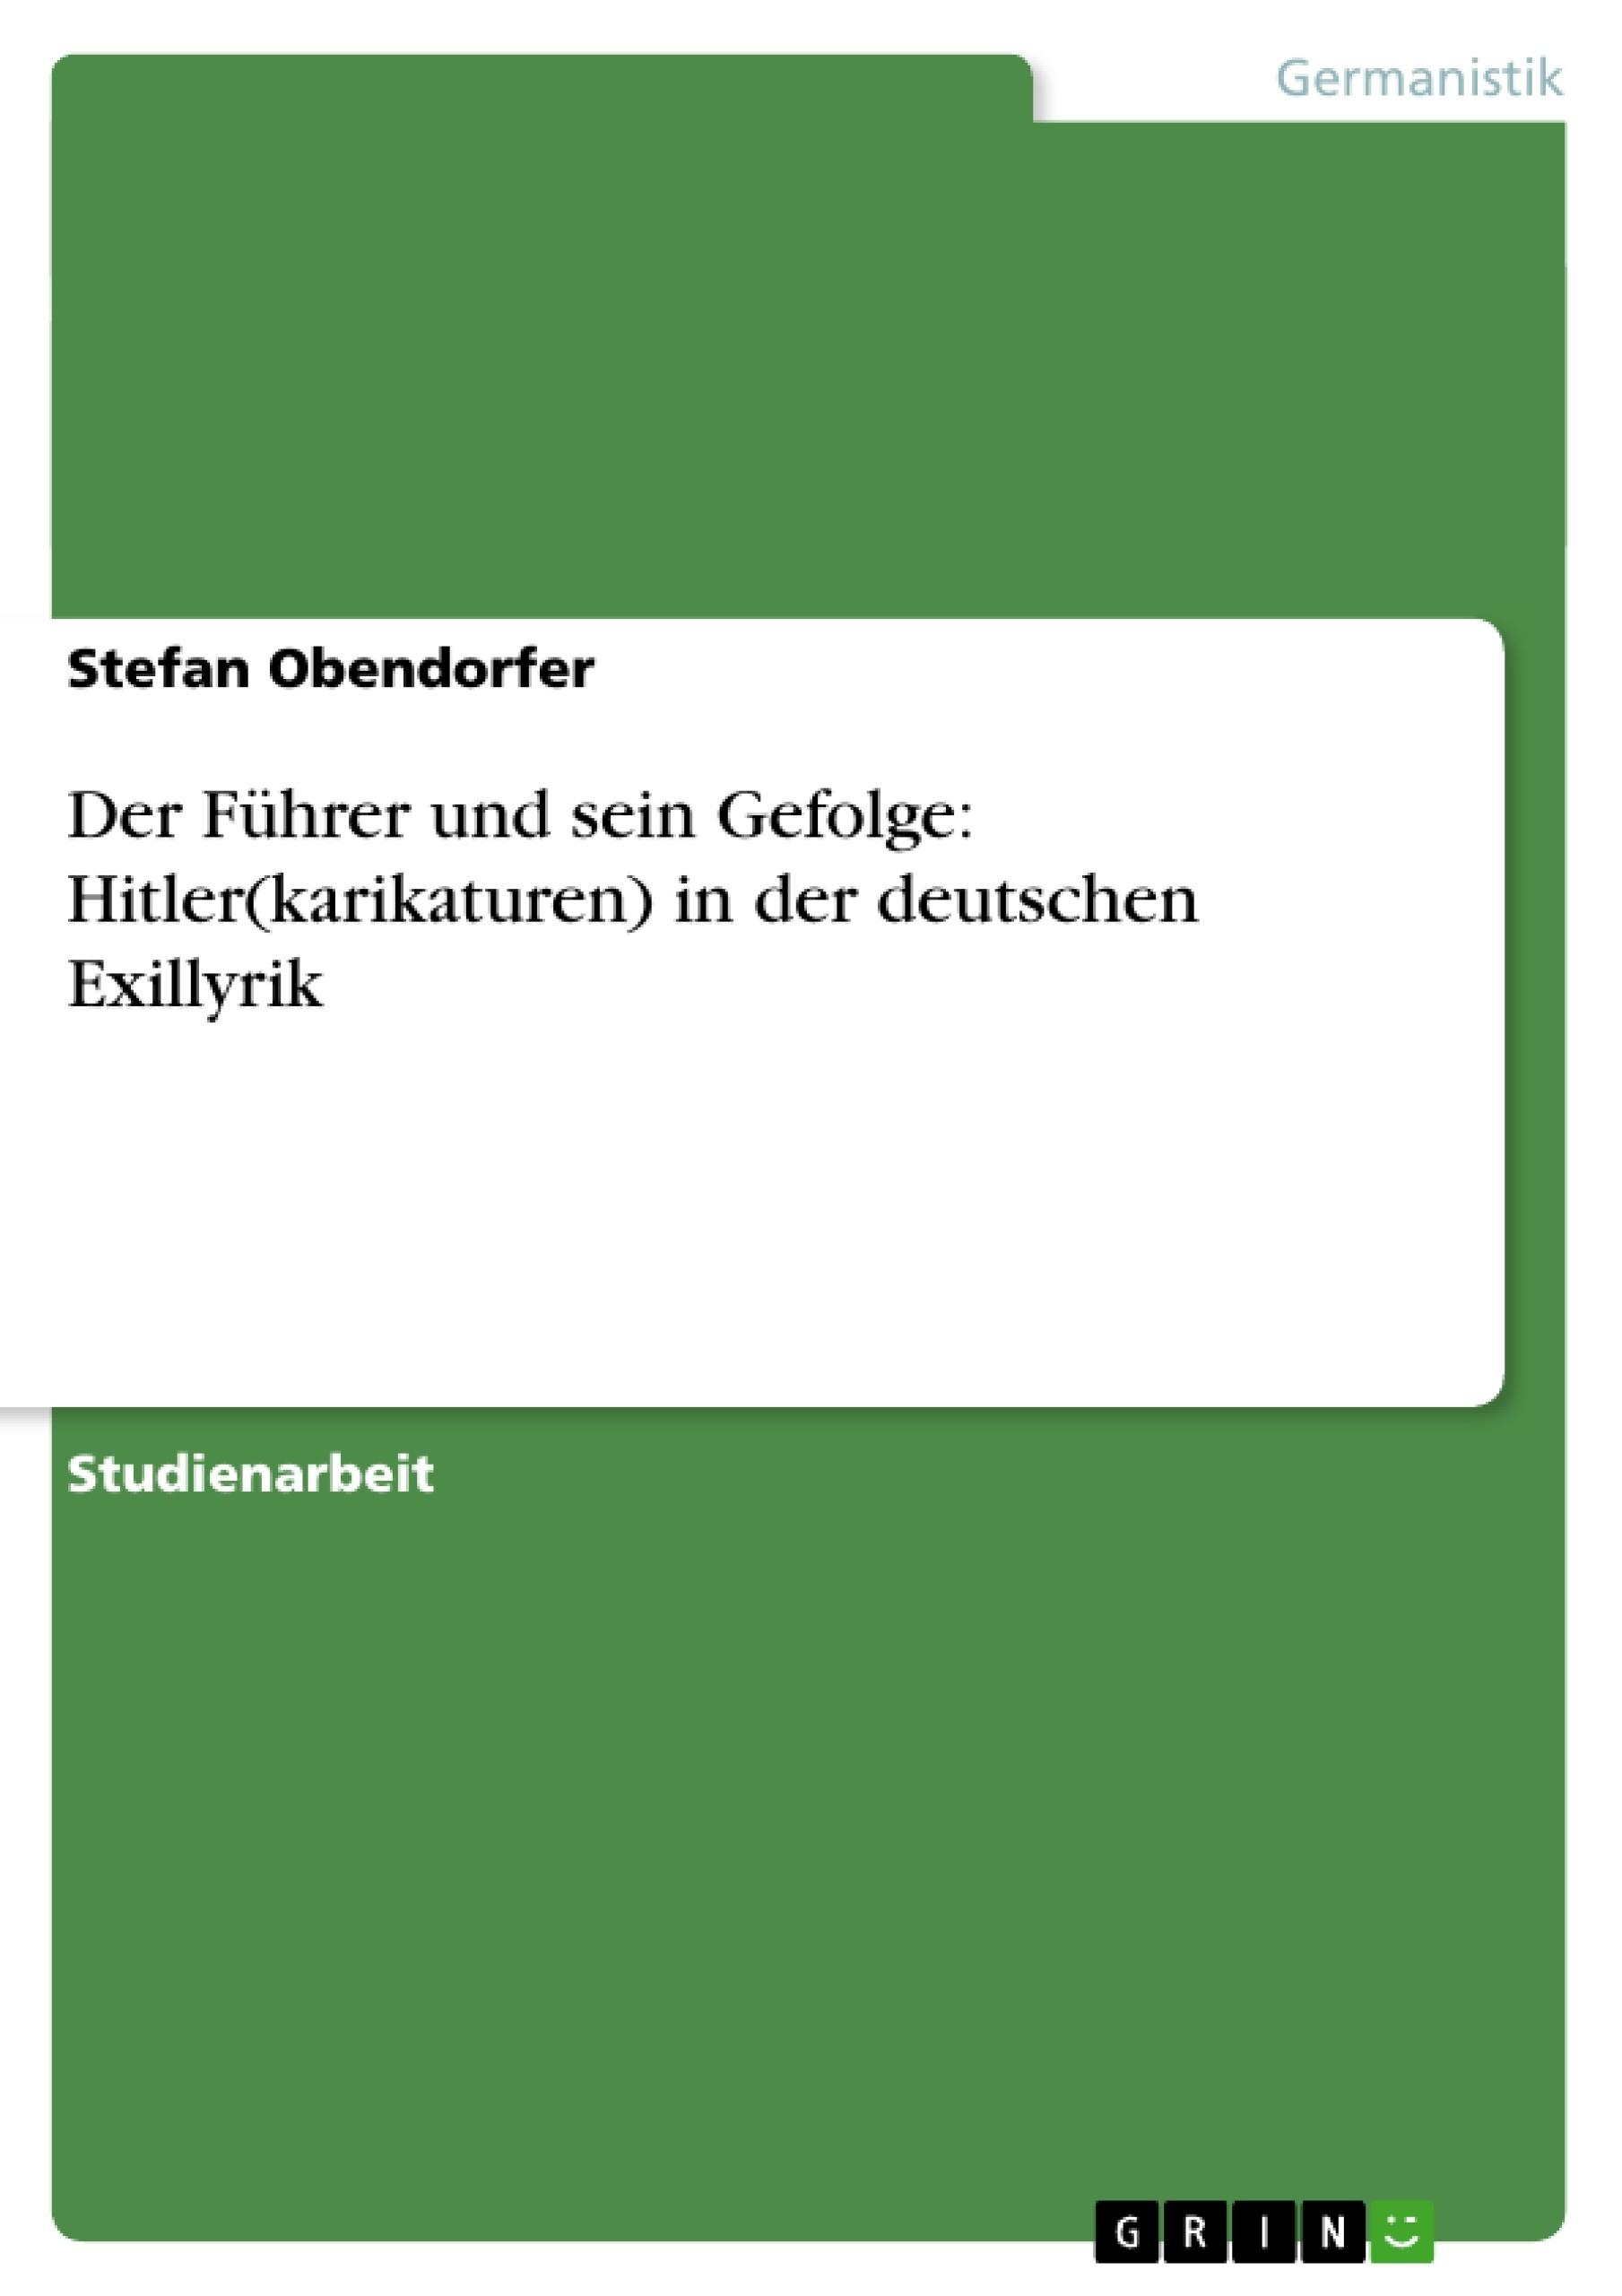 Titel: Der Führer und sein Gefolge: Hitler(karikaturen) in der deutschen Exillyrik